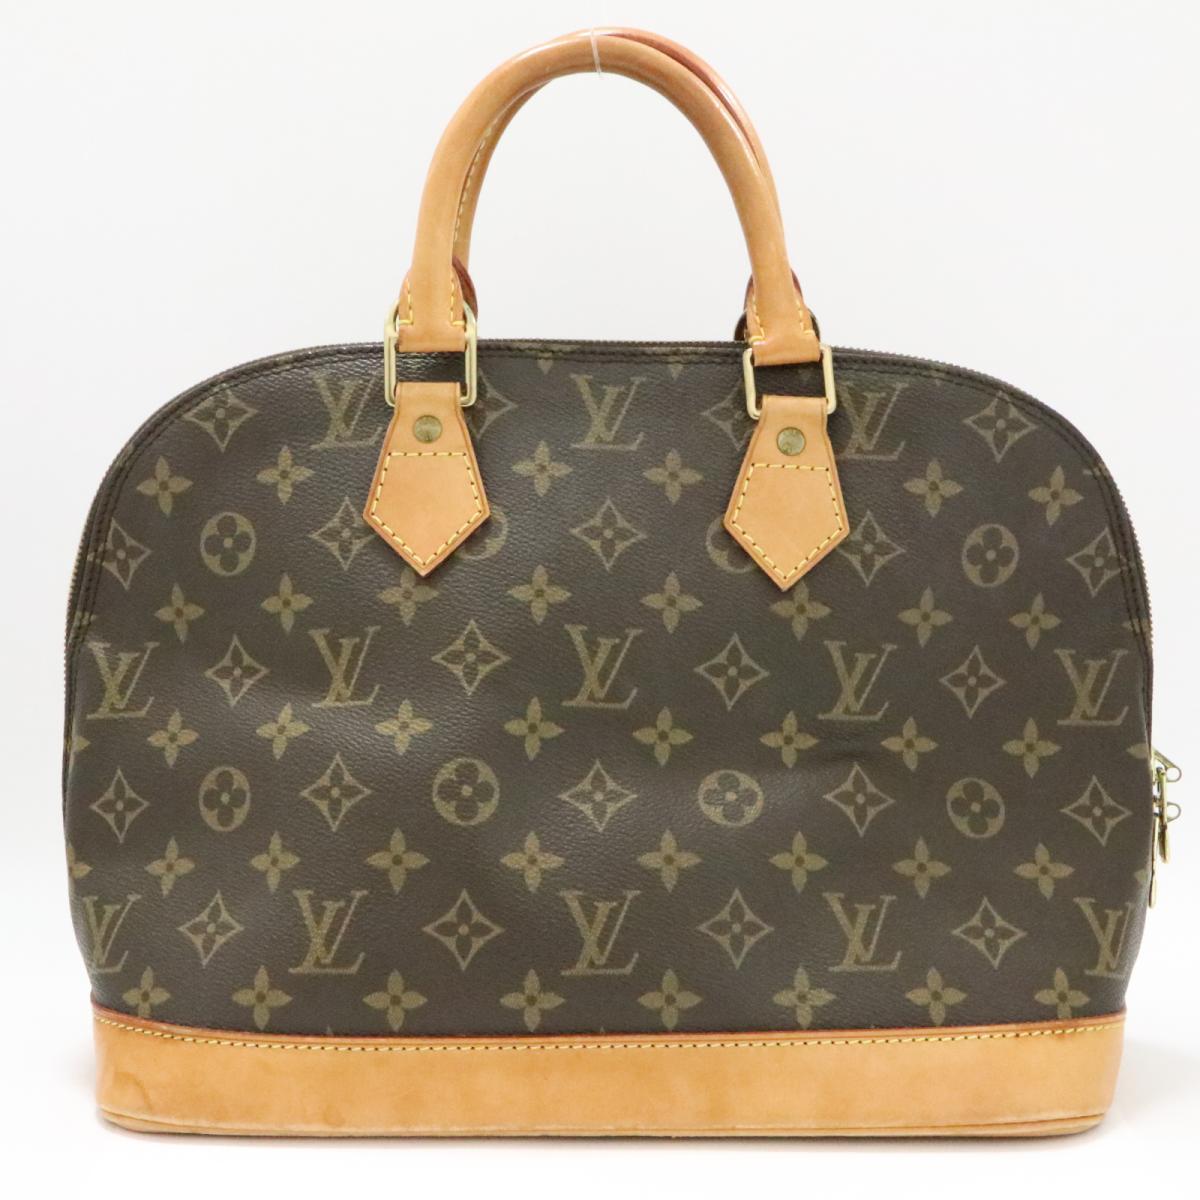 【中古】 ルイヴィトン アルマ ハンドバッグ レディース モノグラム (M51130)   LOUIS VUITTON ビトン ヴィトン ルイ・ヴィトン ハンドバック バッグ バック BAG カバン 鞄 ブランドバッグ ブランドバック ブランドオフ